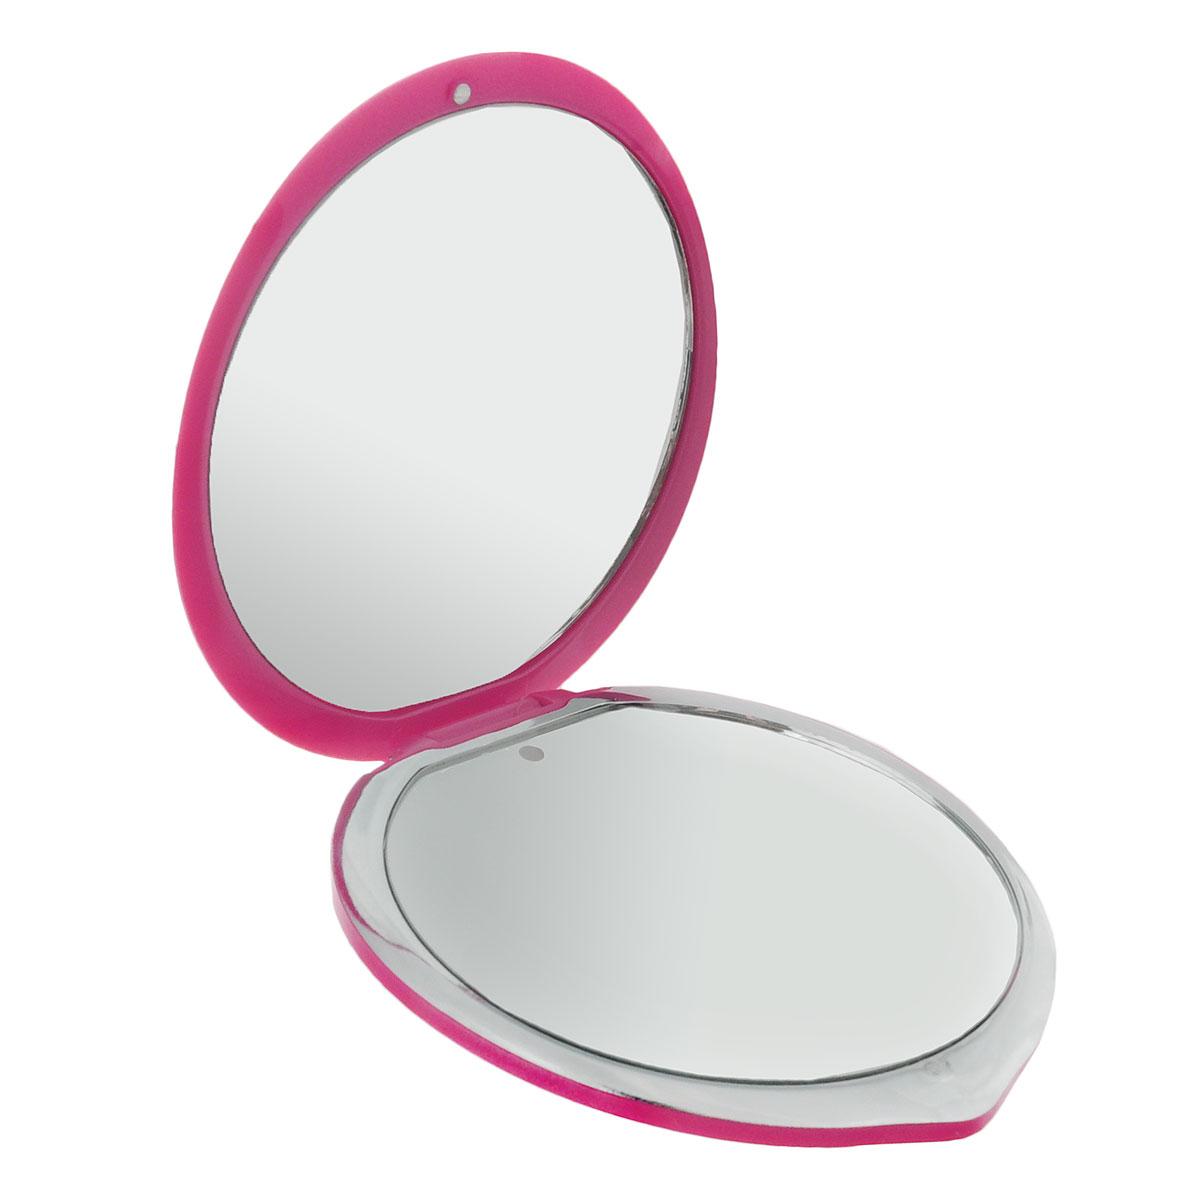 """Touchbeauty Компактное двойное зеркало, с подсветкой. AS-1277AS-1277Миниатюрное складное косметическое зеркало в пластиковом корпусе. Двукратное увеличение одной из сторон, LED-подсветка. Ультратонкий стильный дизайн в форме капли, стойкая к царапинам поверхность и магнитный замок. Подсветка работает от 2 батареек типа """"CR2025"""" (входят в комплект). Товар сертифицирован."""